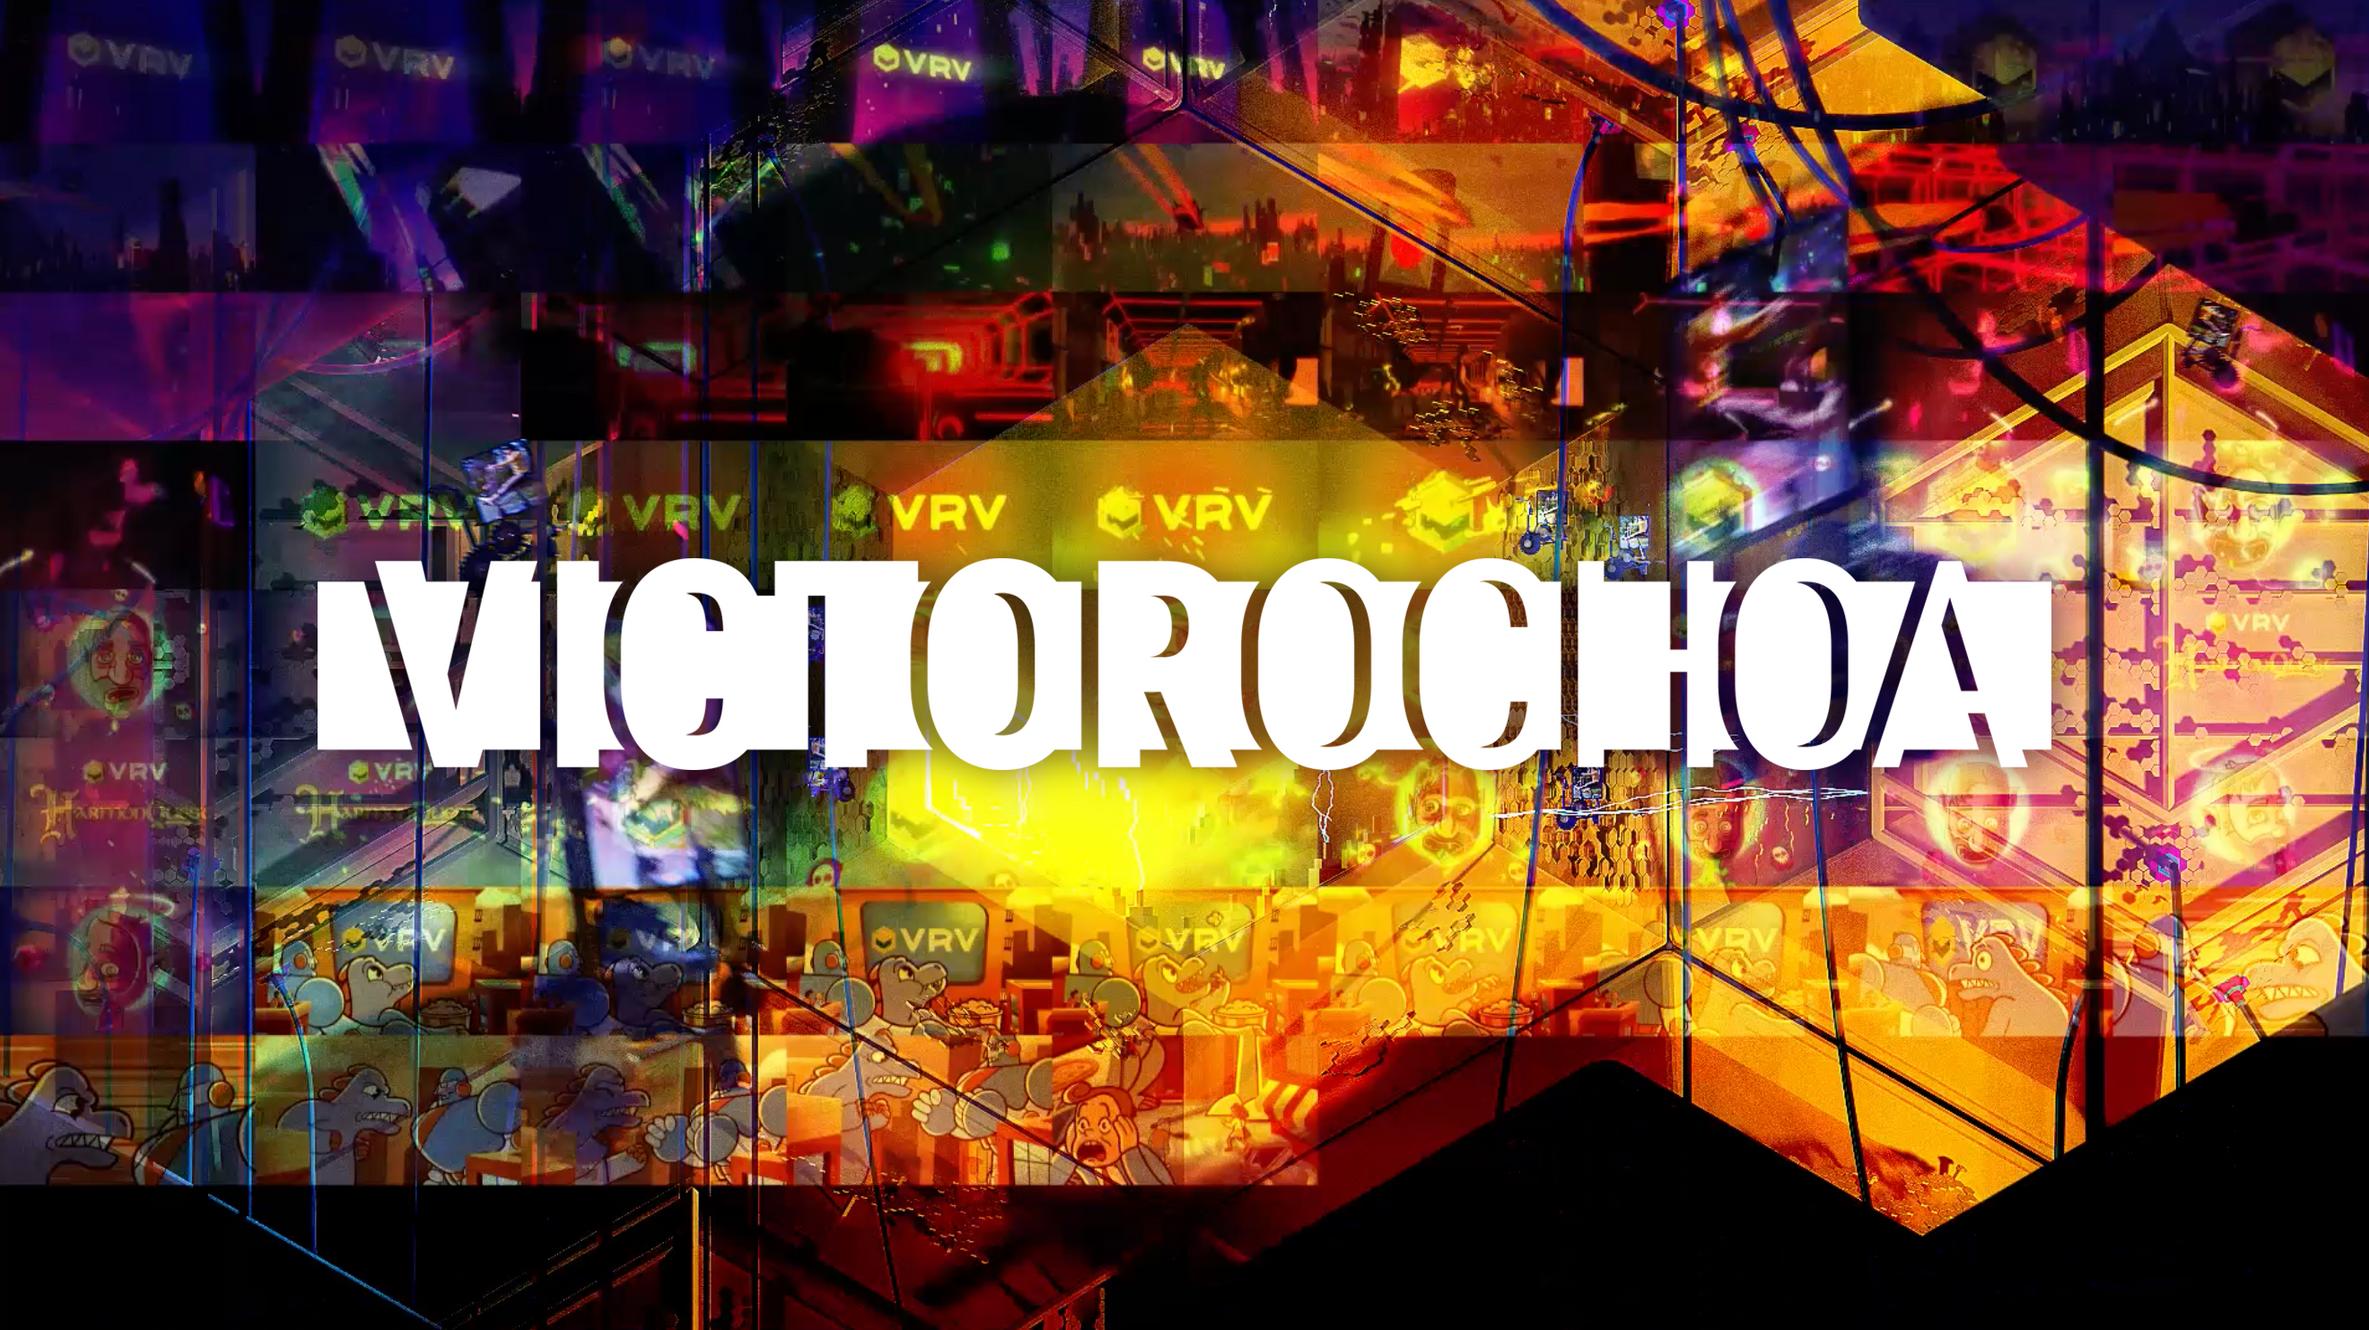 VRV Gallery